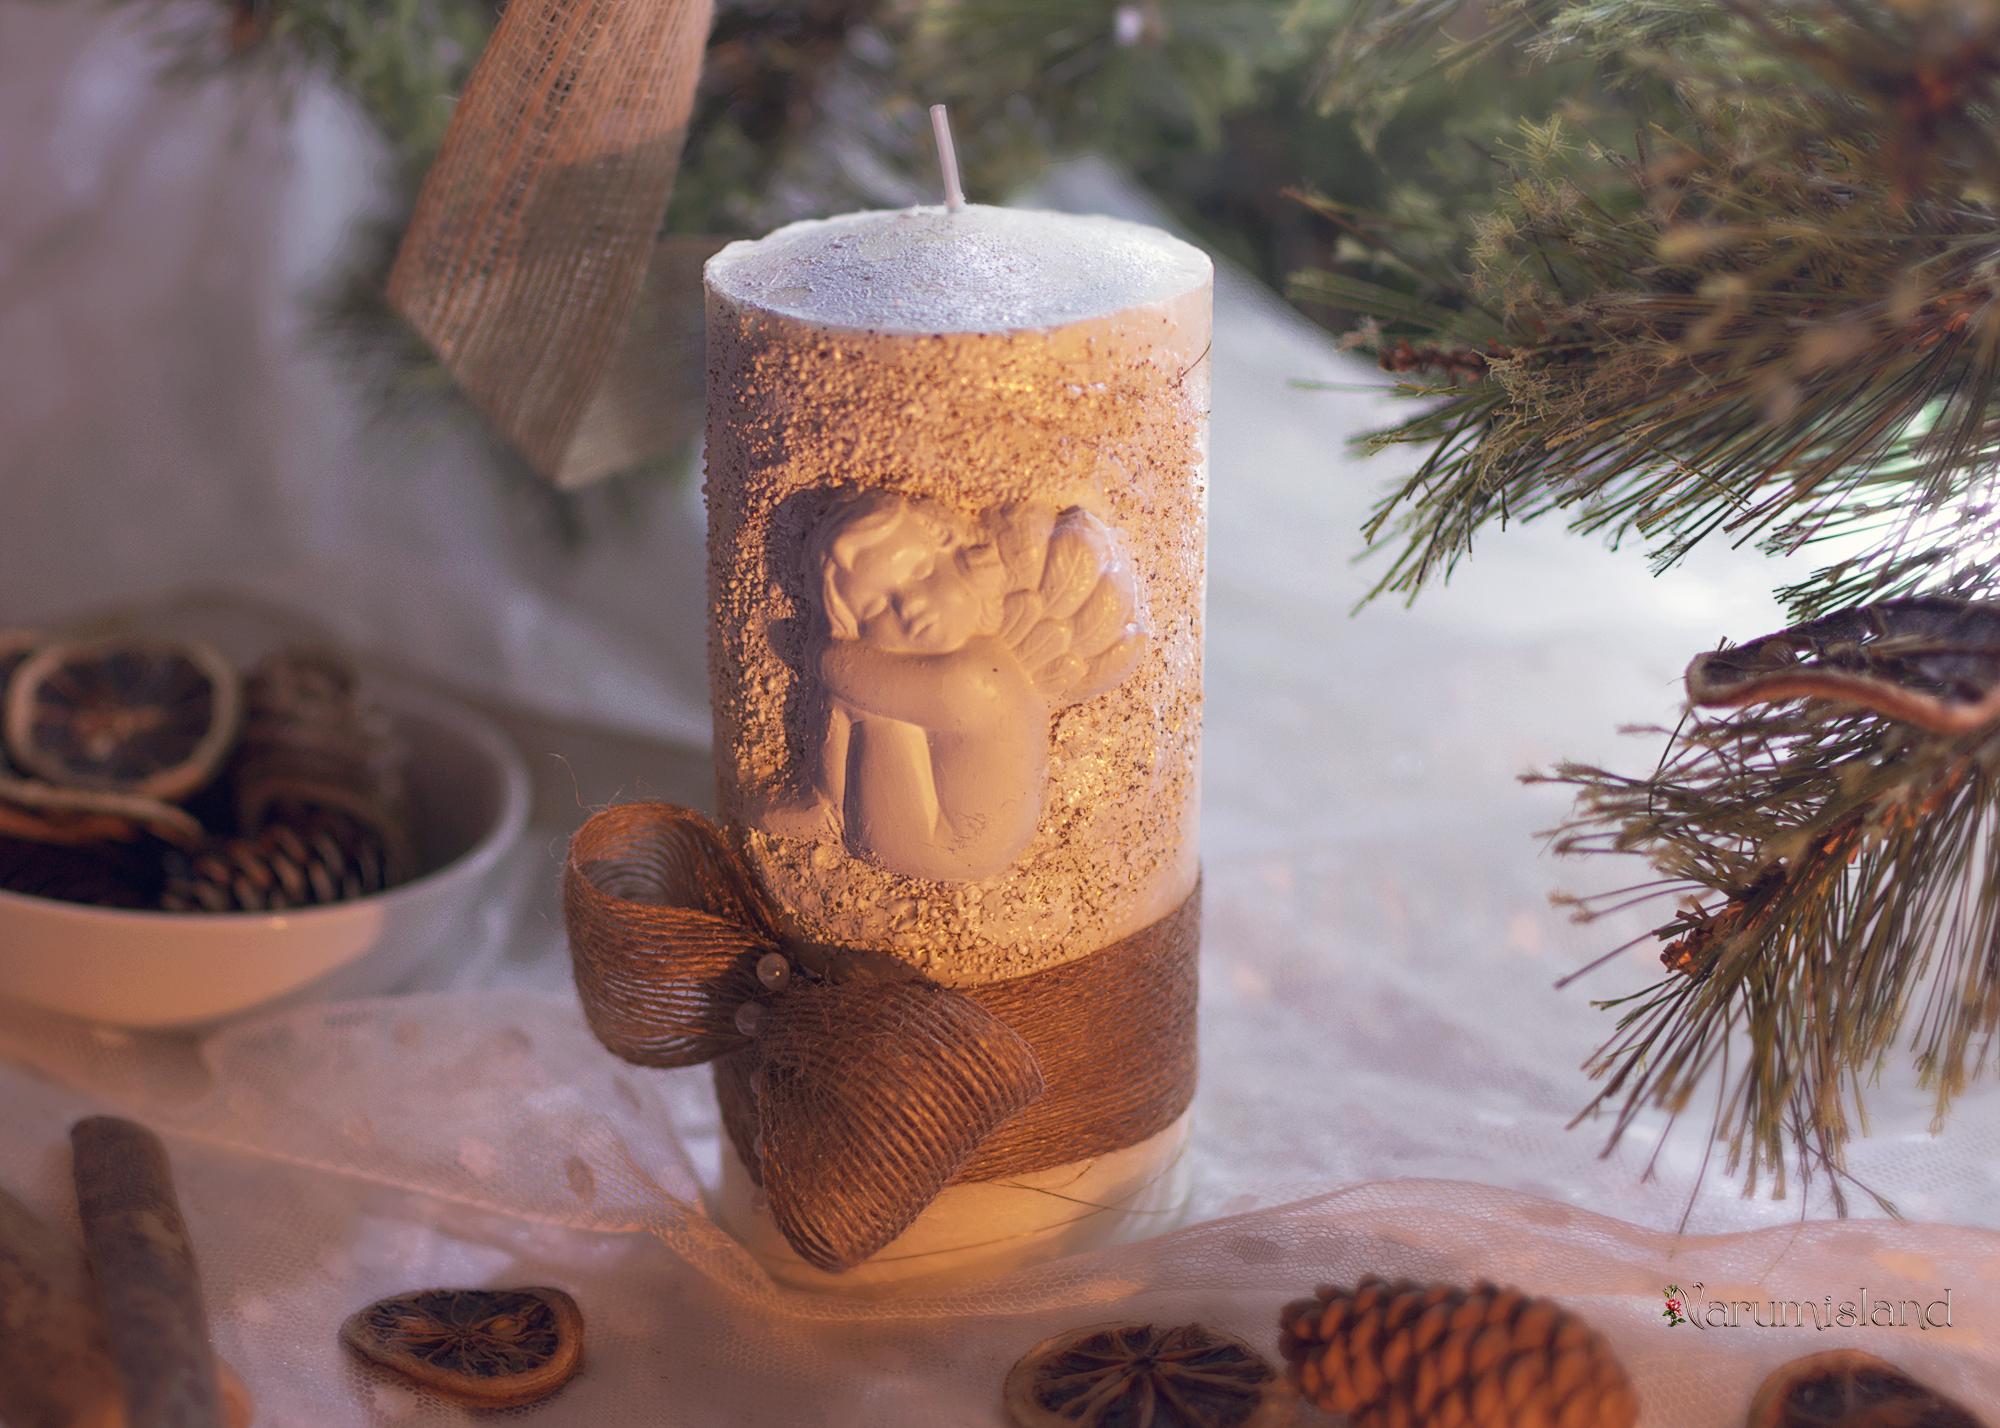 Lumanare Handmade Decorativa Realizata Cu Tehnici Decupaj Si Tehnici De Embosare, Glittere Aurii Si Albe